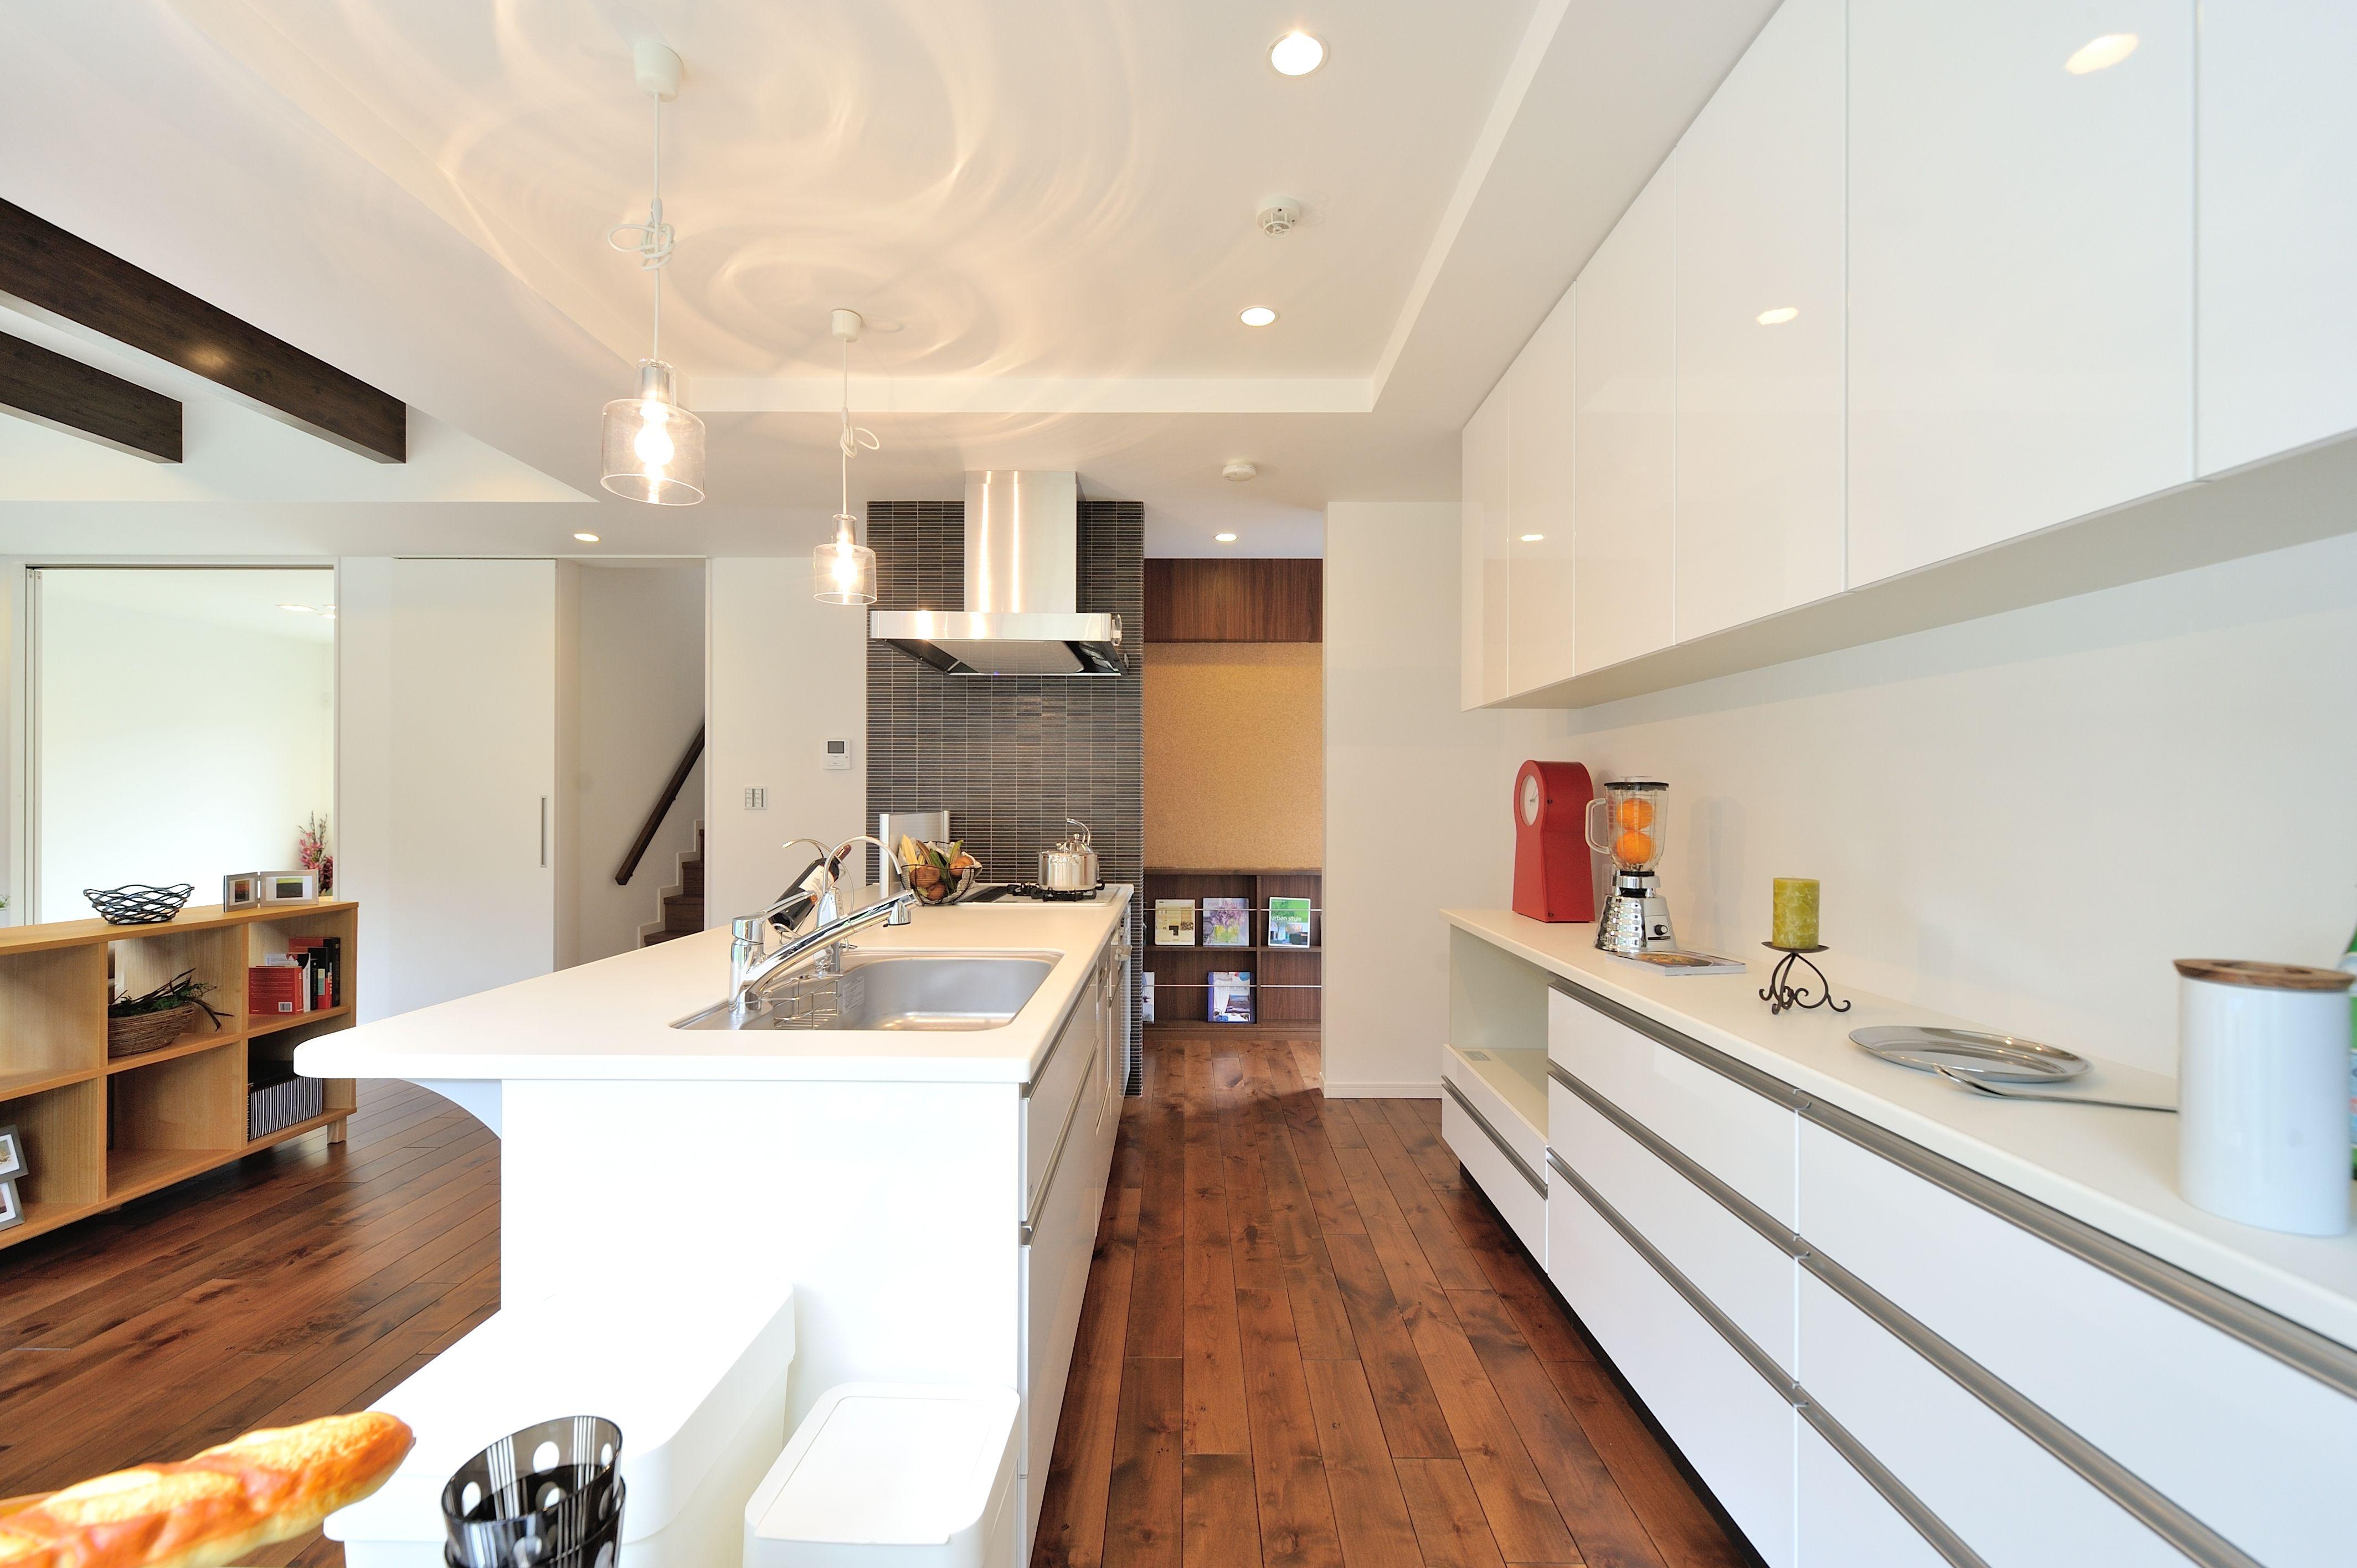 キッチン 横の壁にはアクセントにタイルを施したオープンキッチン